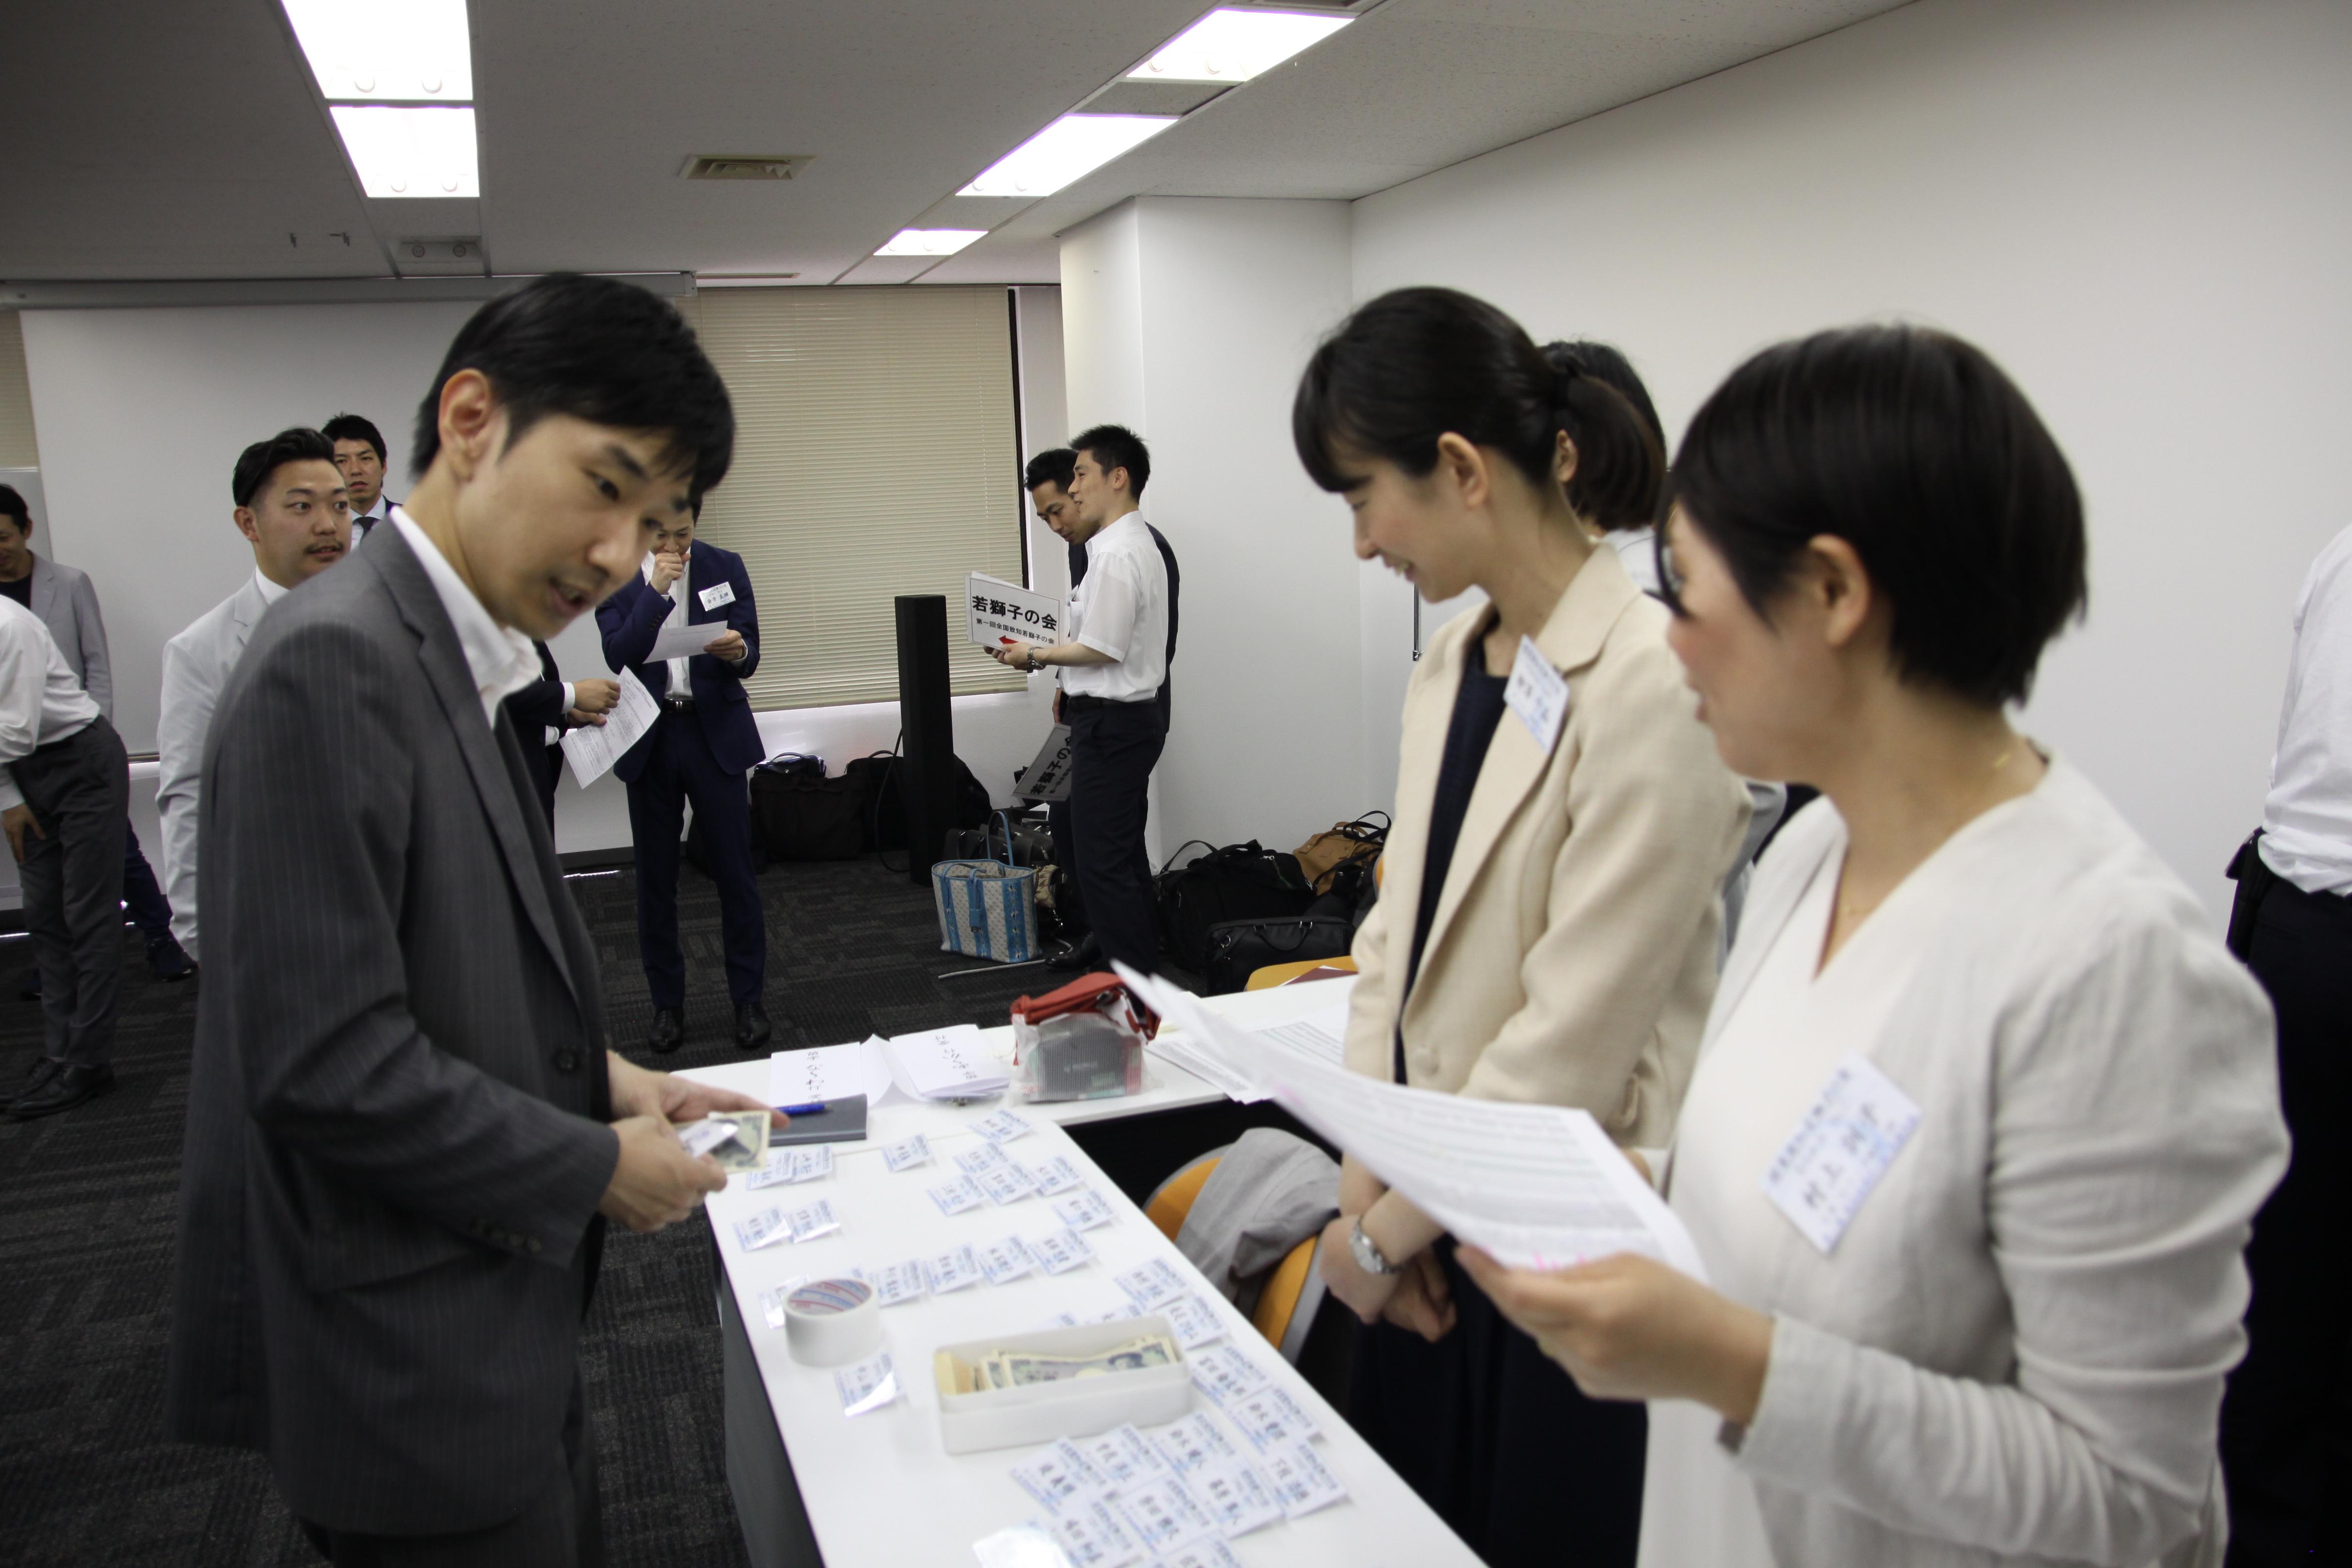 IMG 4478 - 関東若獅子の会、記念すべき第100回